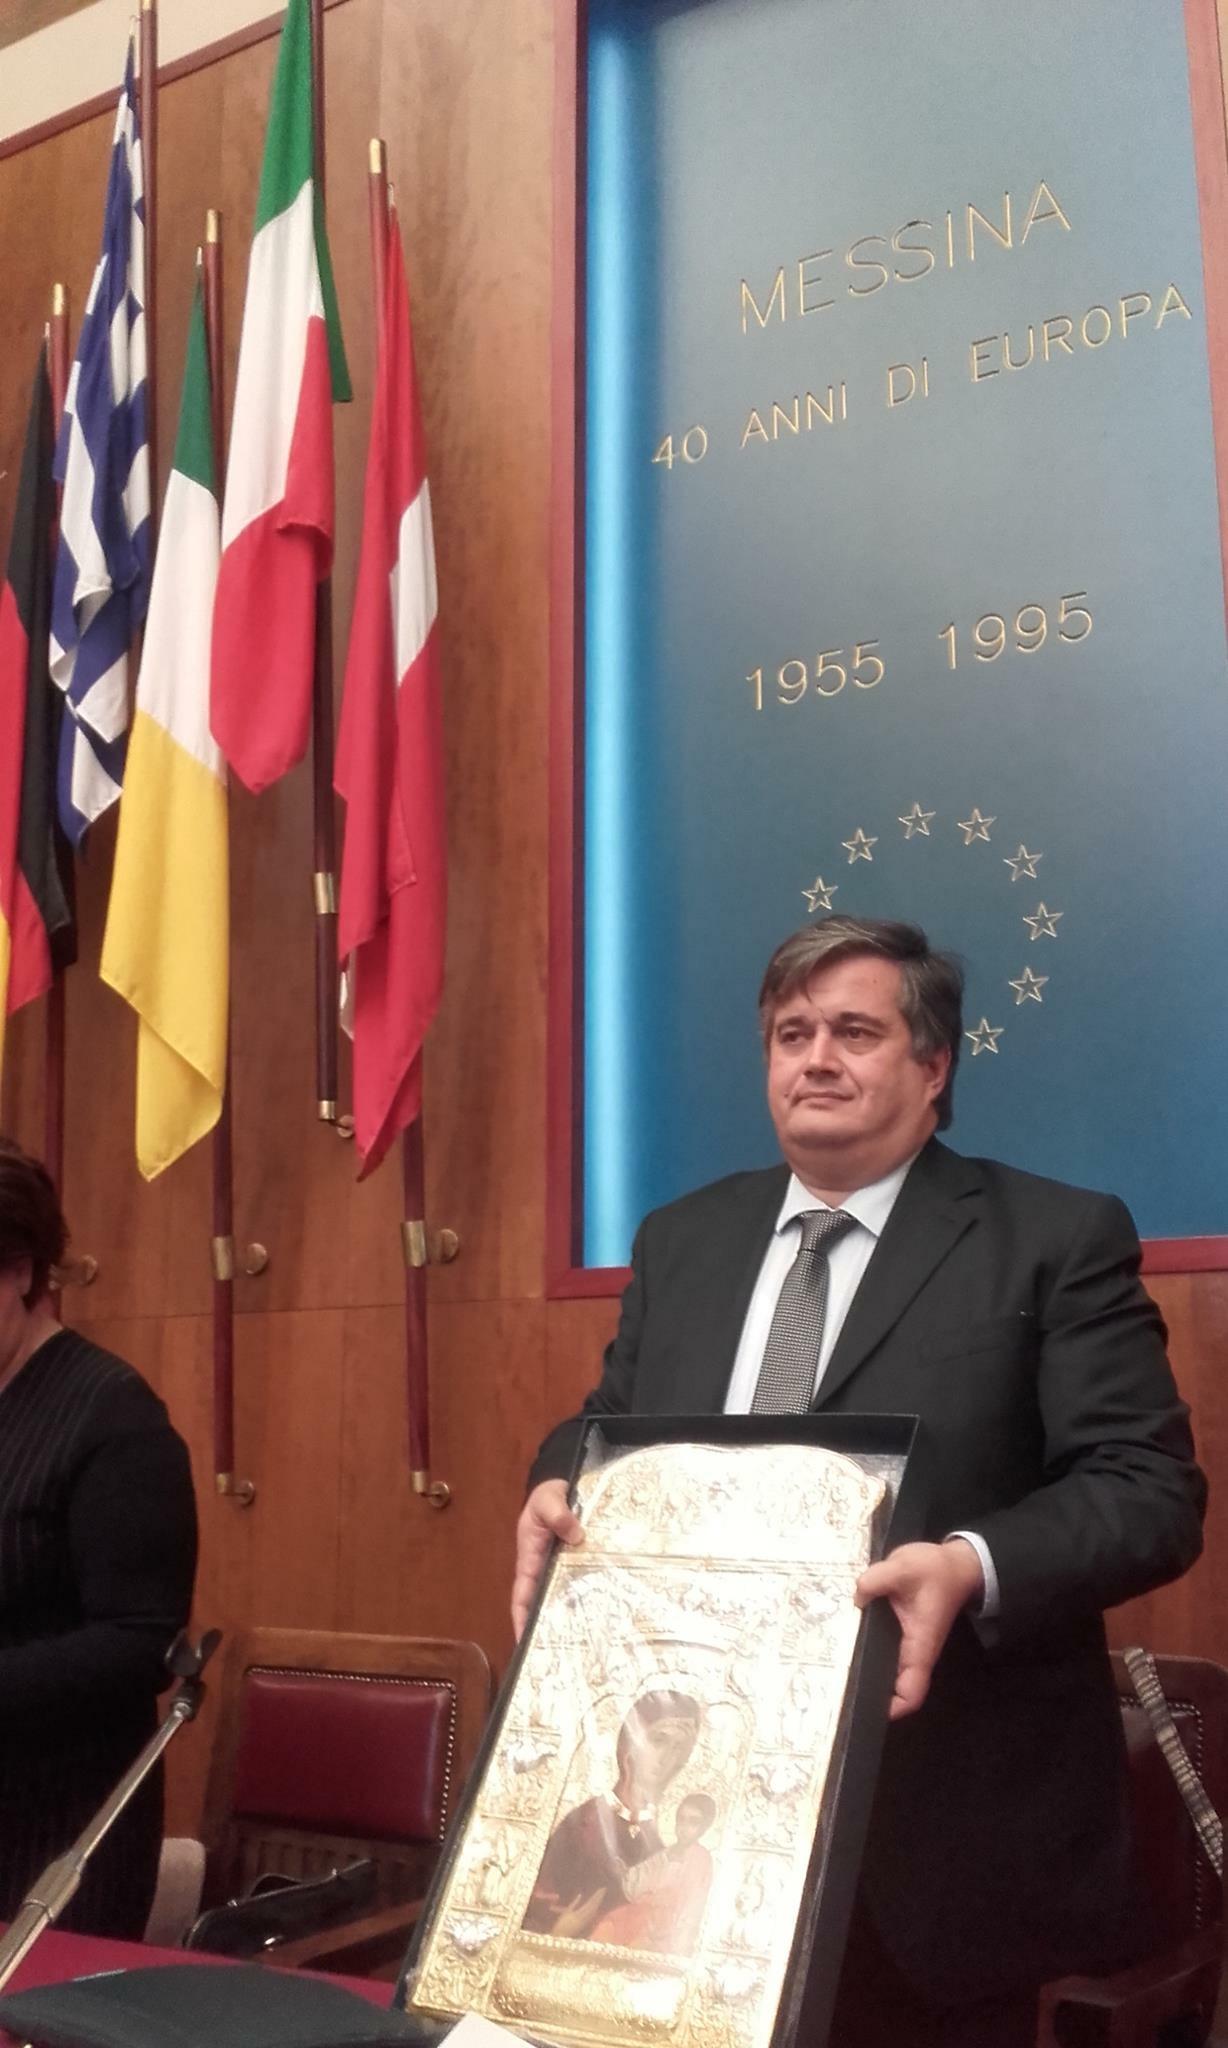 Председатель греческого общества г. Мессина Даниэль Макрис с подлинной копией иконы Панагии Сумела